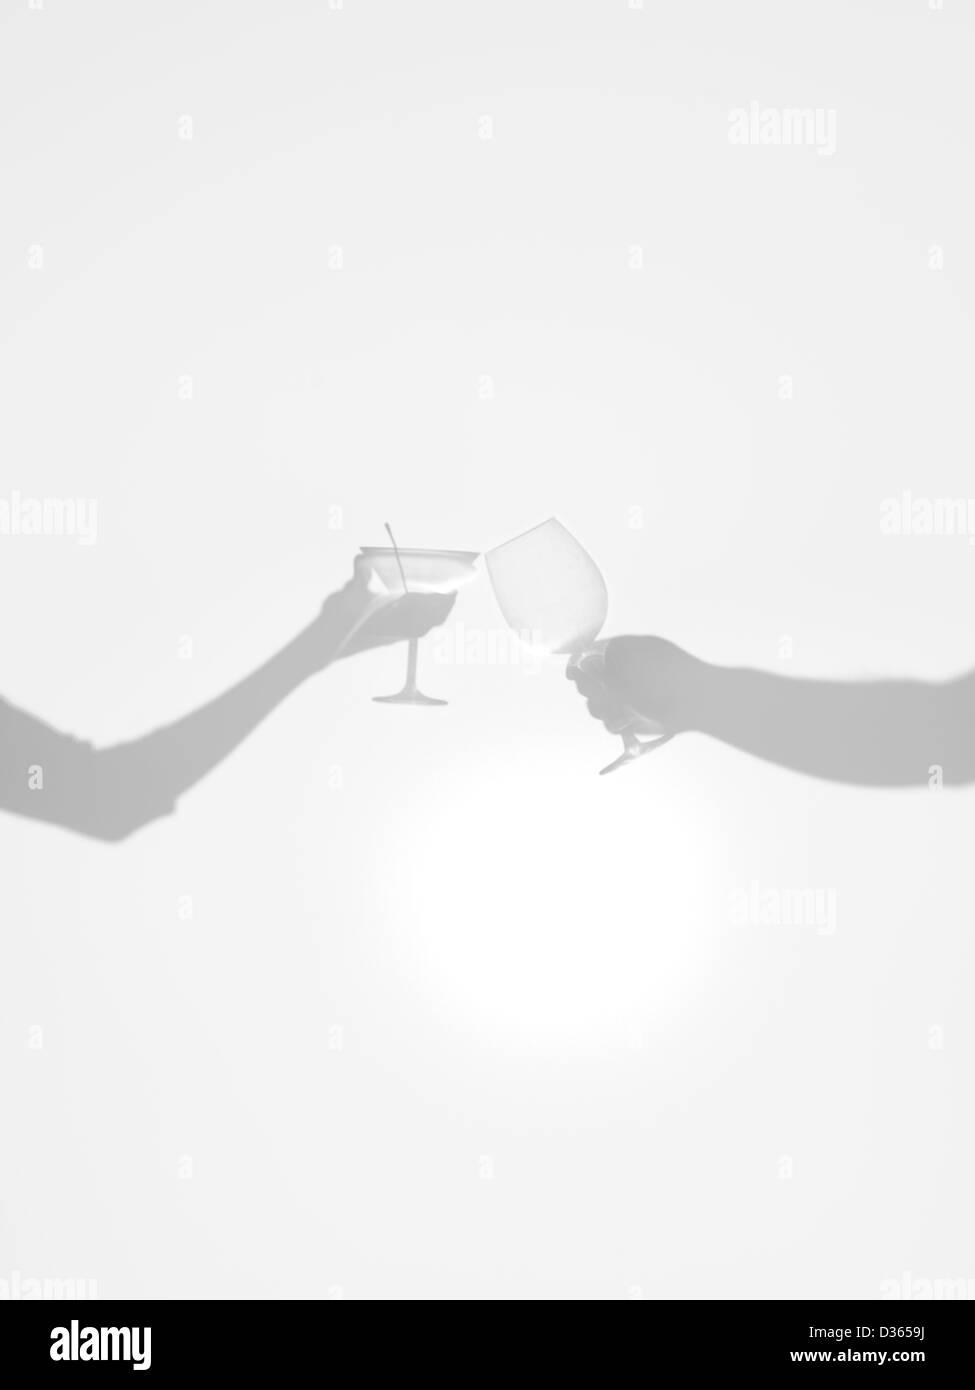 Nahaufnahme von zwei Händen Silhouetten halten zwei verschiedene Gläser, hinter eine diffuse Oberfläche jubelt Stockfoto